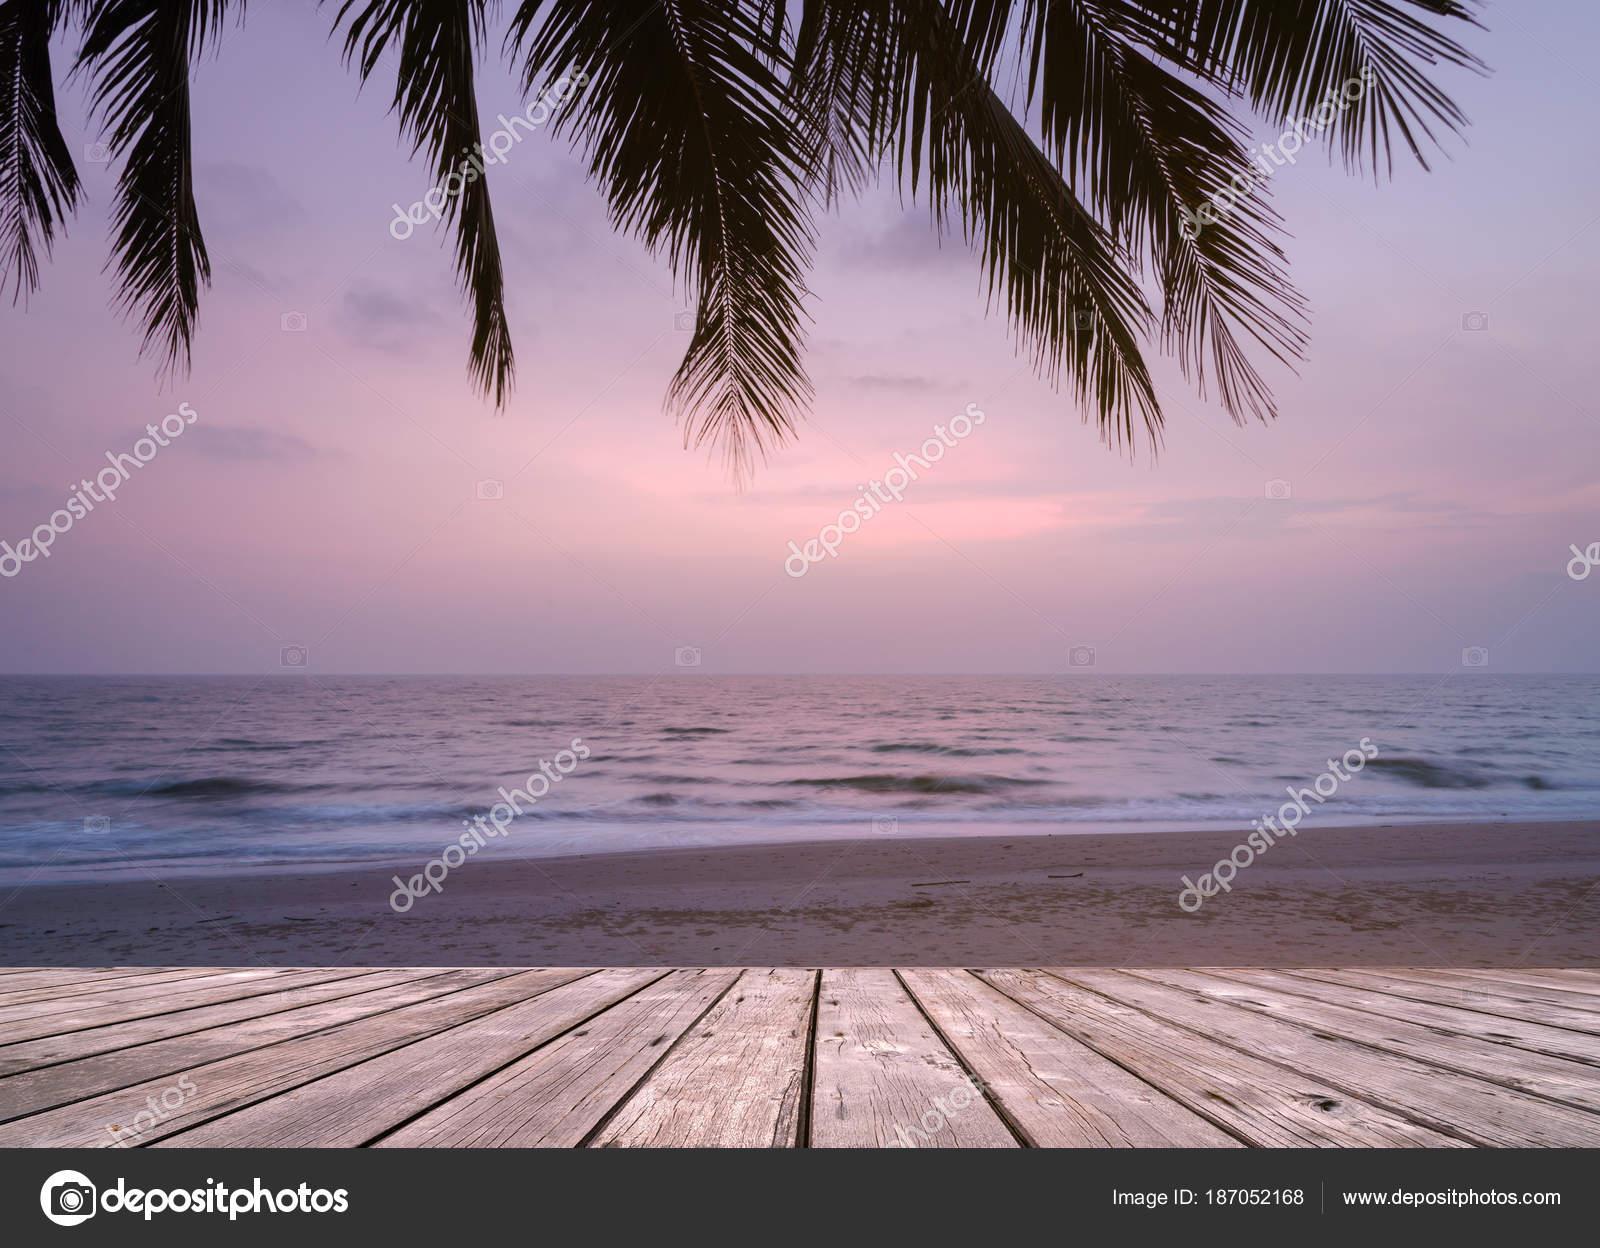 Terraza De Madera Vacía Sobre La Playa De Isla Tropical Con